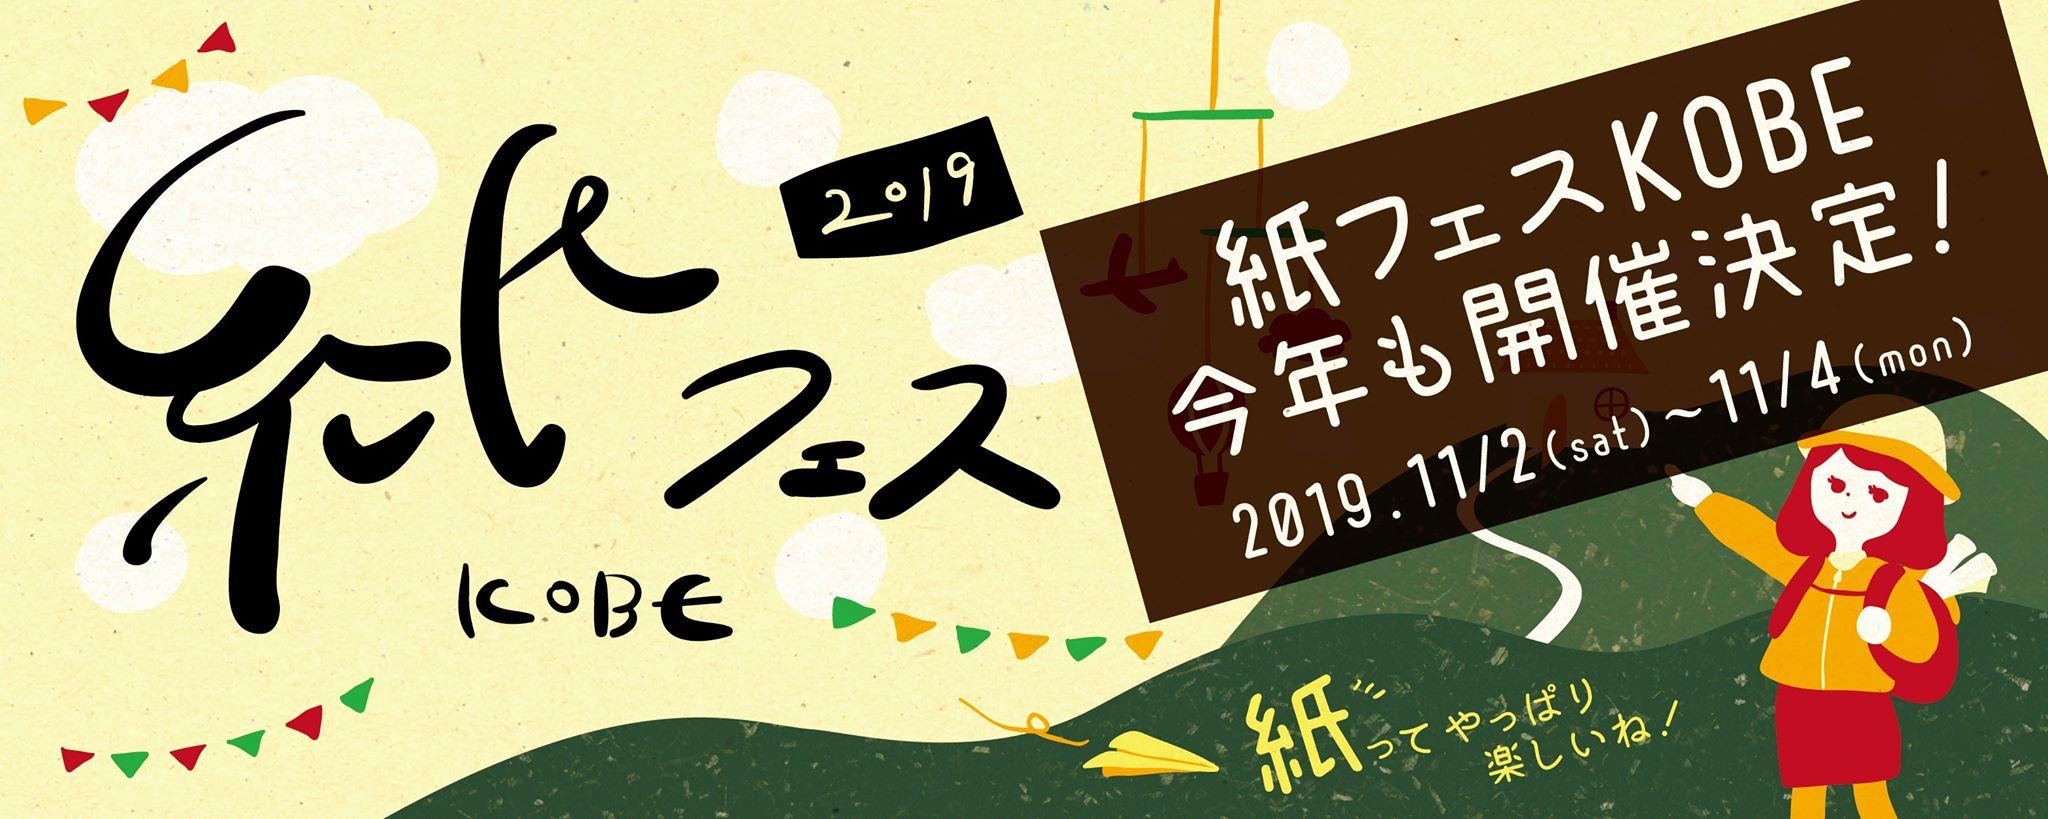 2019年の紙フェス神戸開催が決定しました!